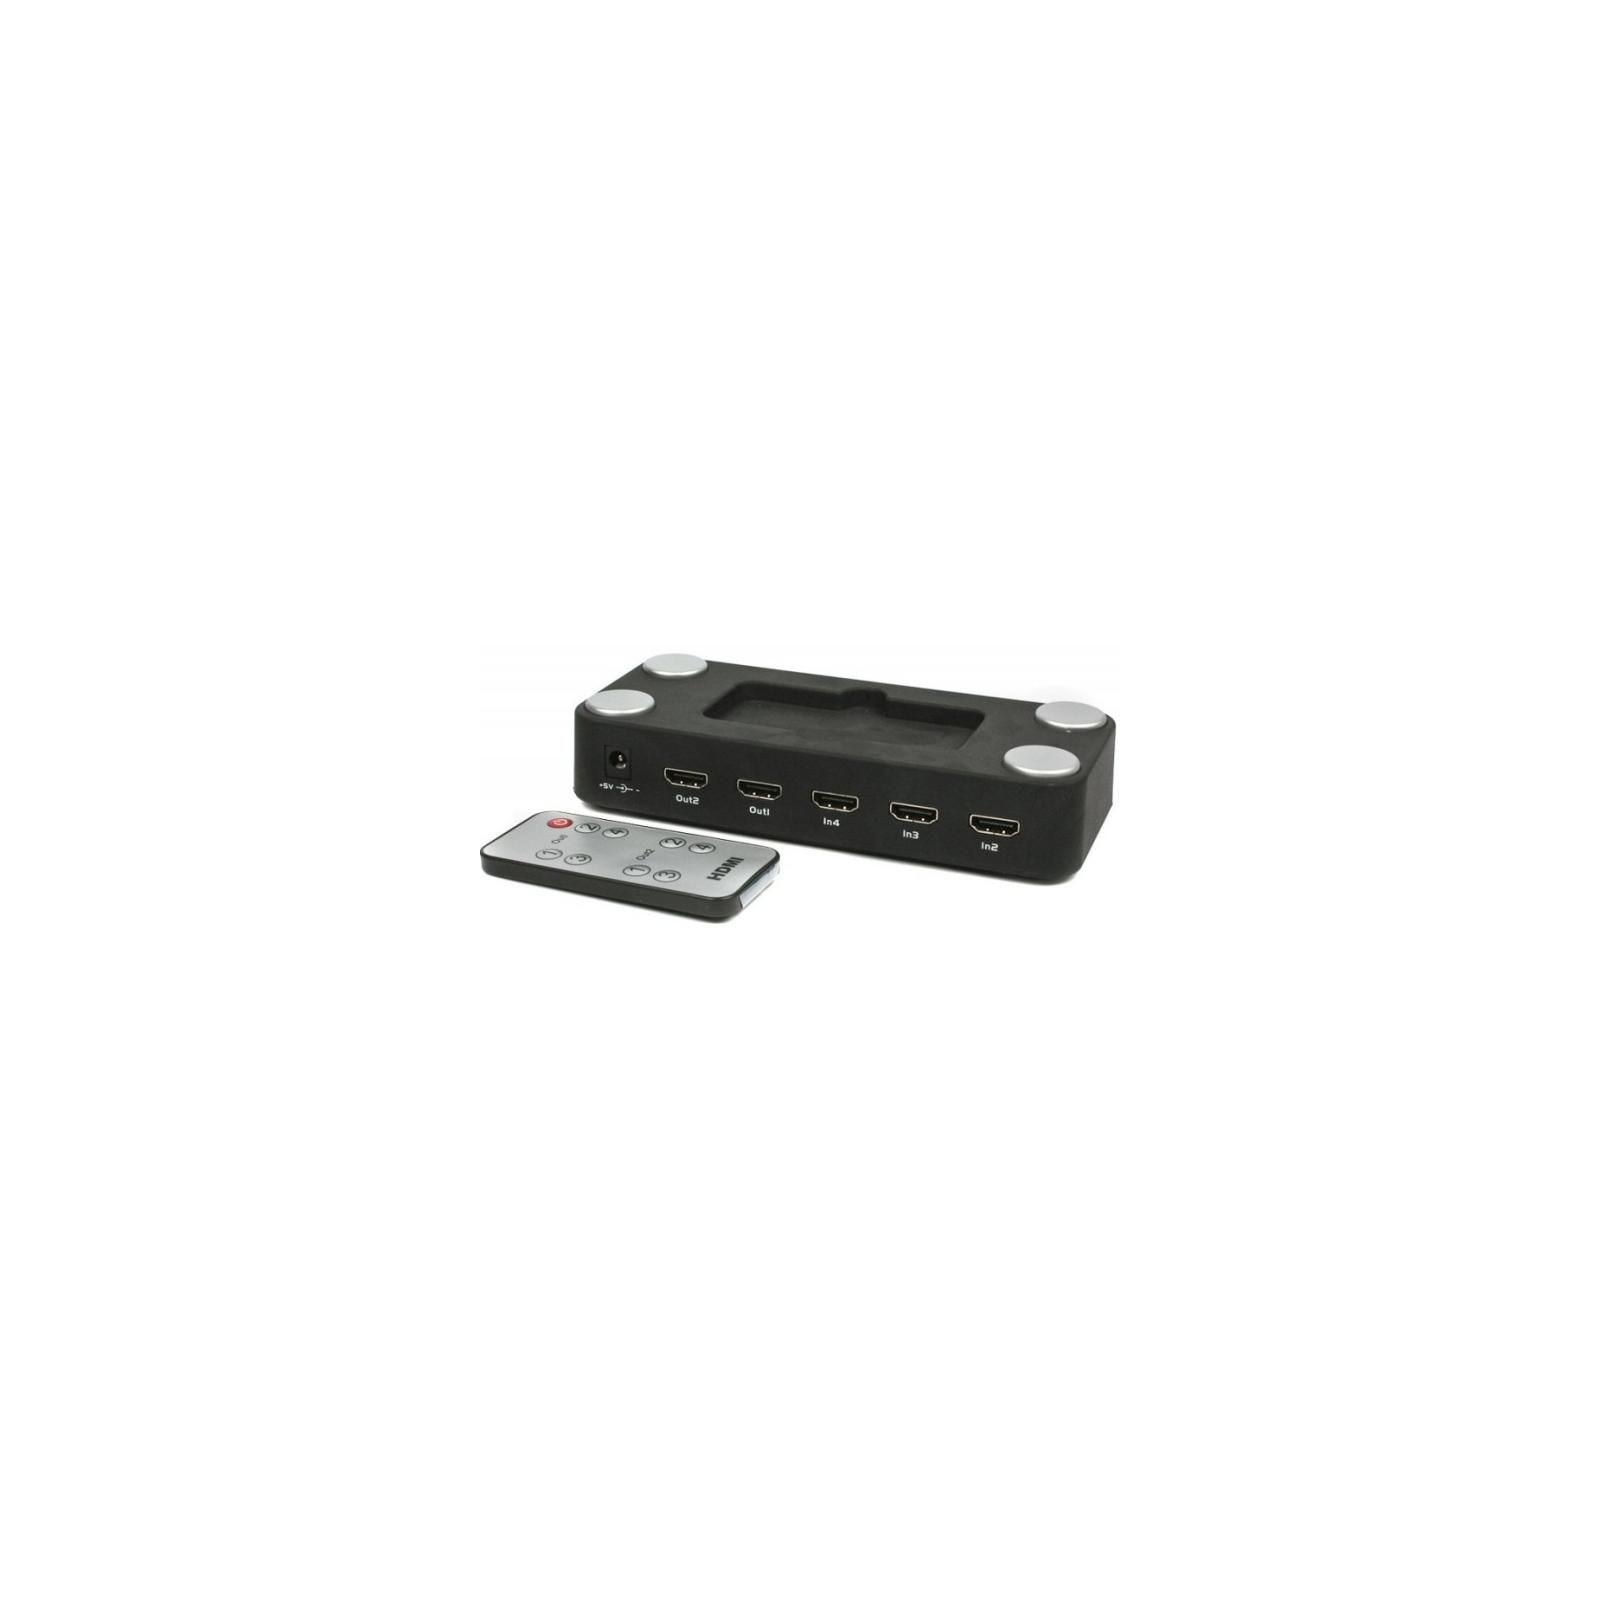 Коммутатор видео HDMI, матричный (4 вх, 2 вых) Viewcon (VE431) изображение 2